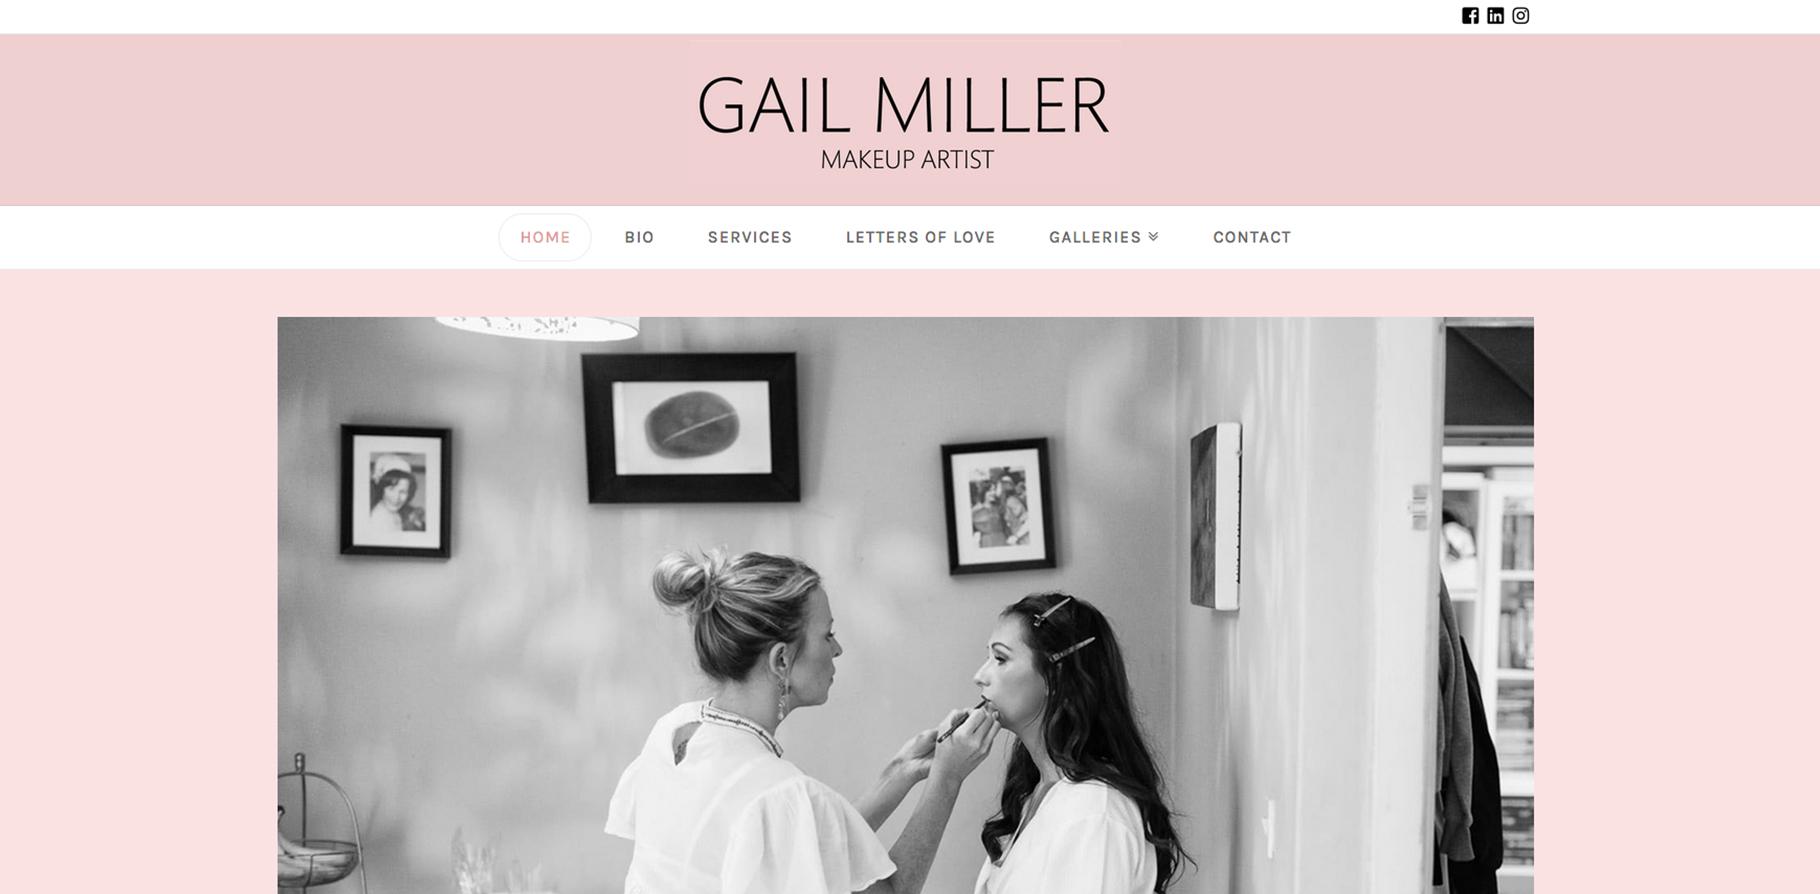 Gail Miller Makeup Artist